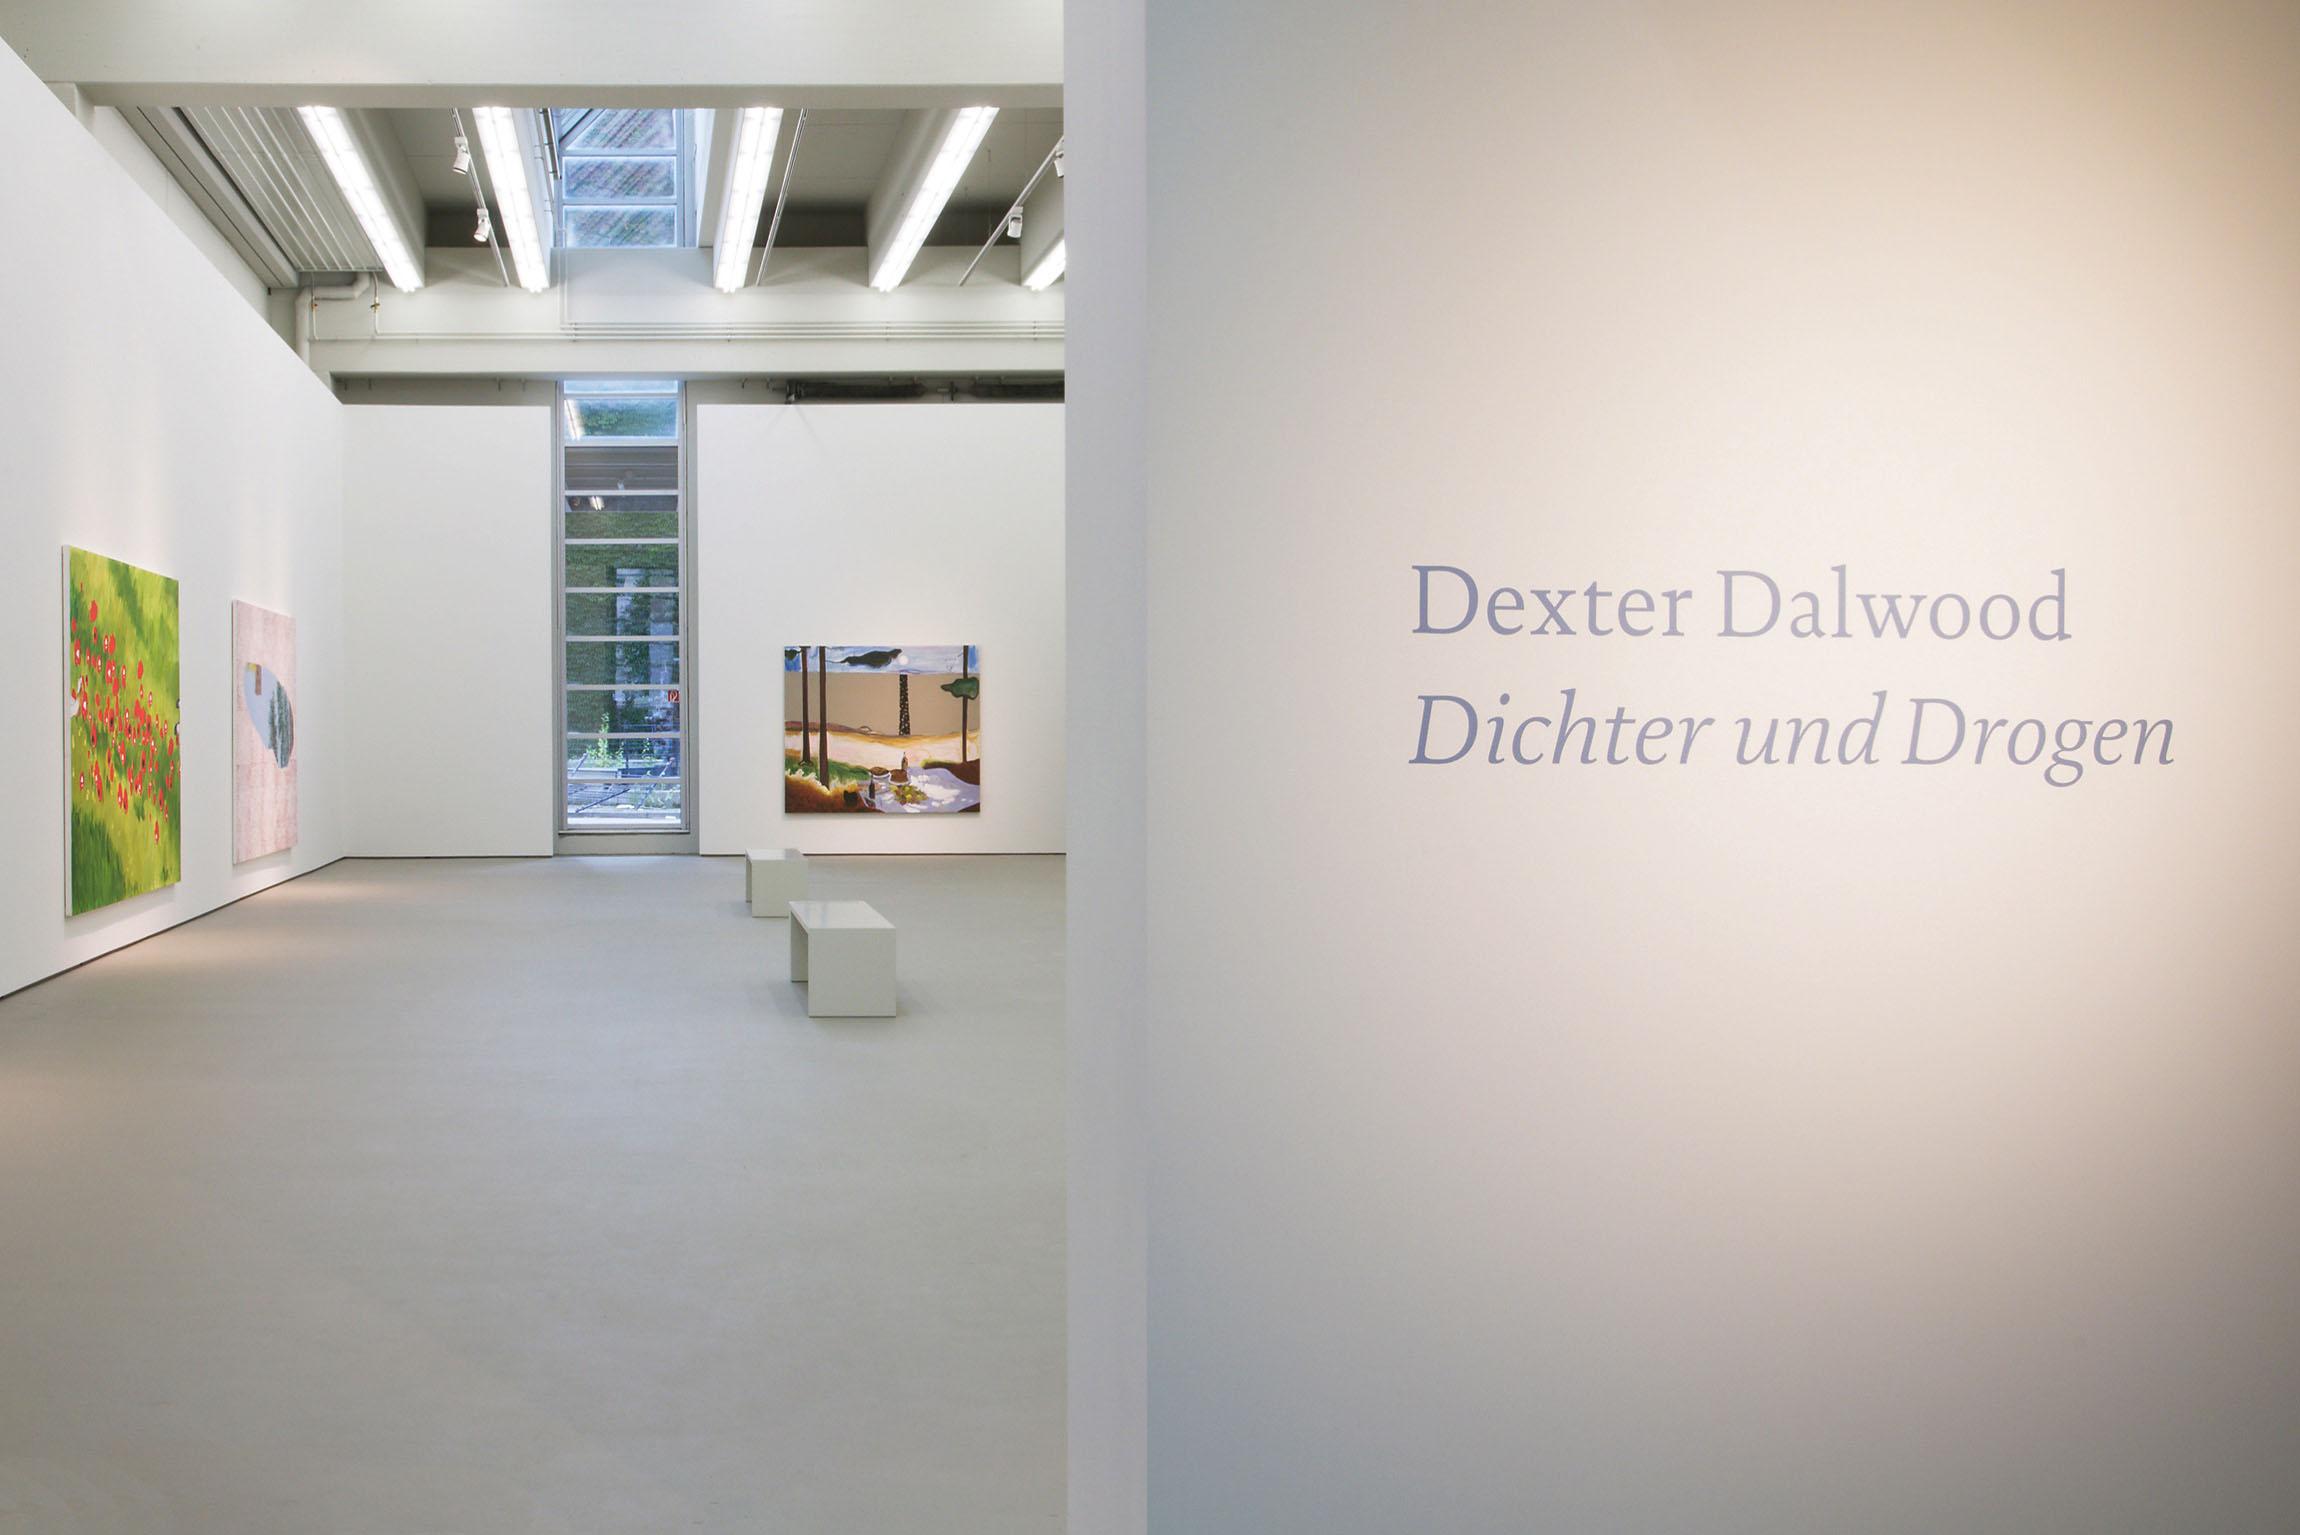 2011 Dexter Dalwood Dichter und Drogen